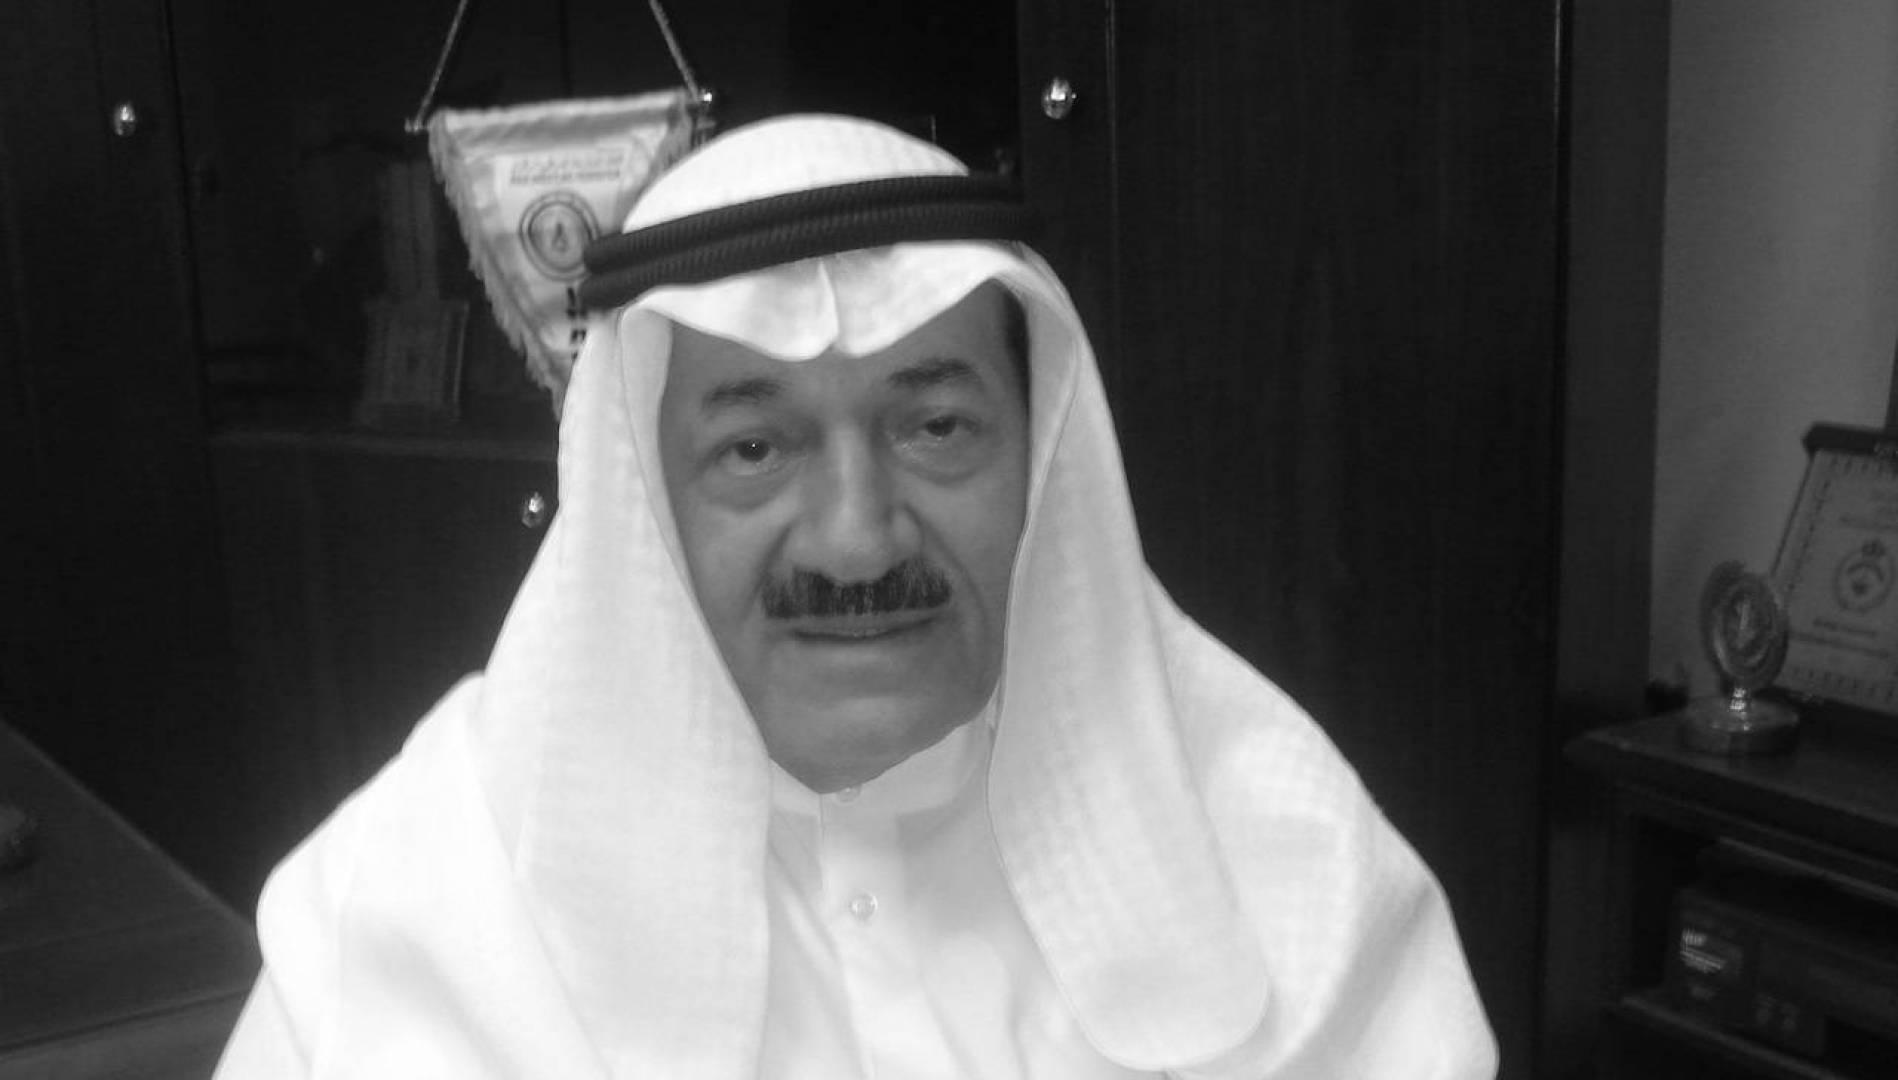 الكويت والأسرة الرياضية ودّعتا عبدالحميد الحجي